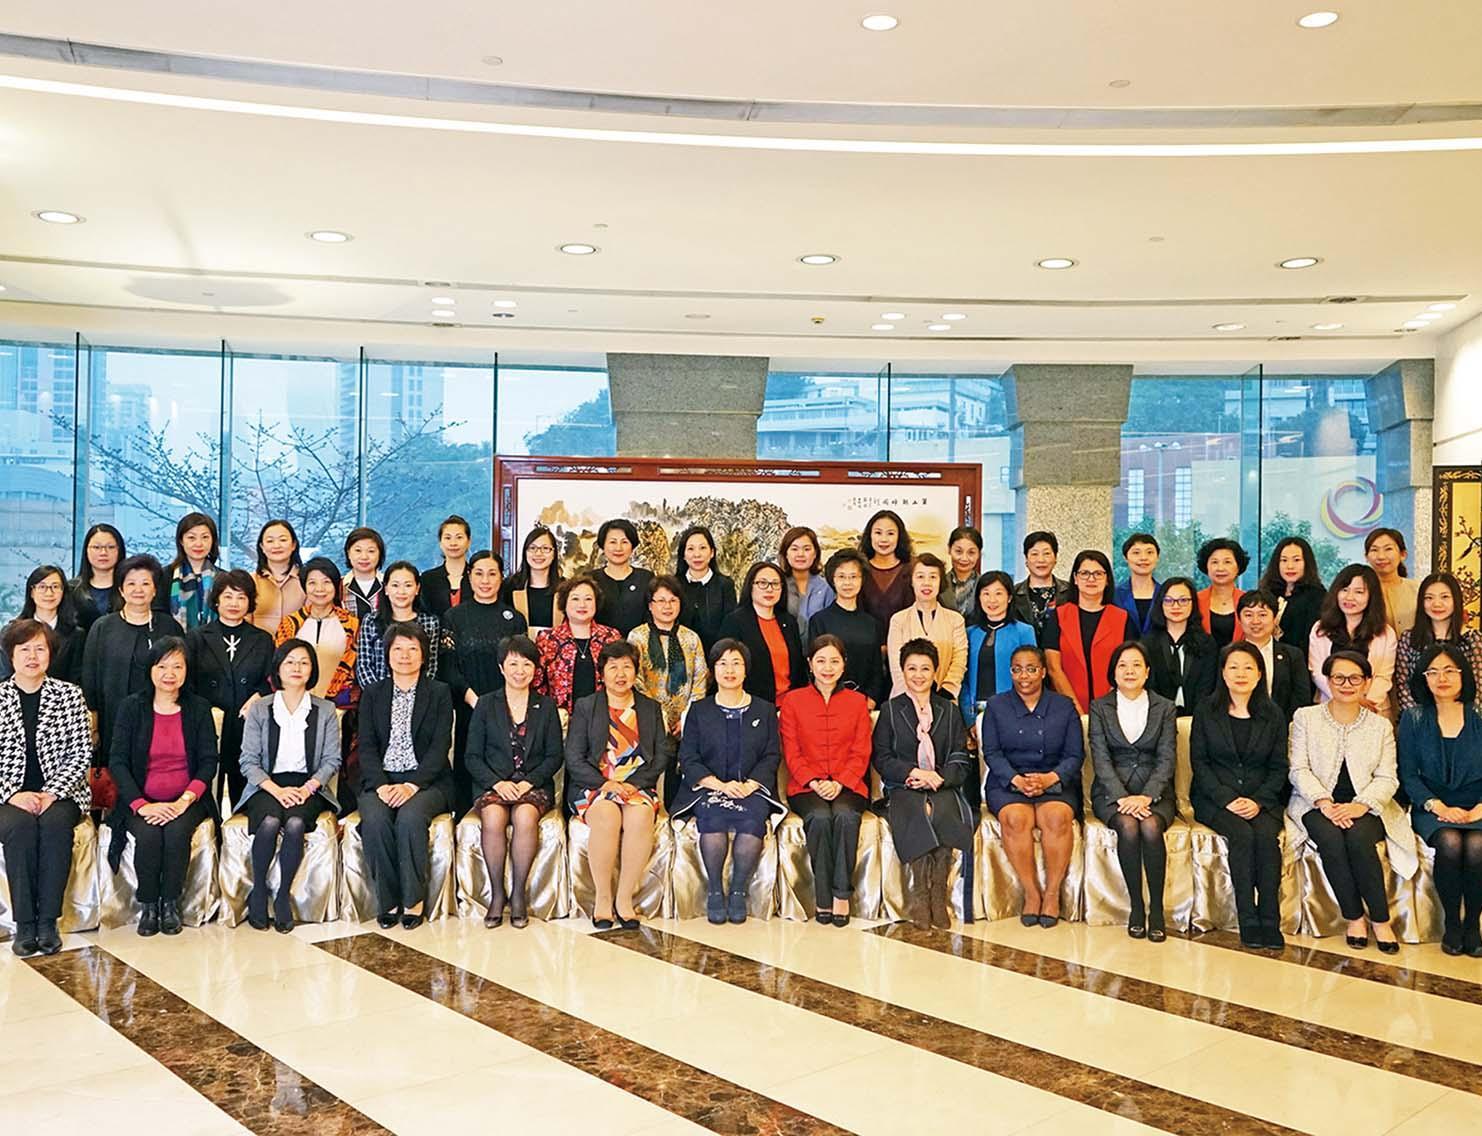 舉行國際婦女節招待會